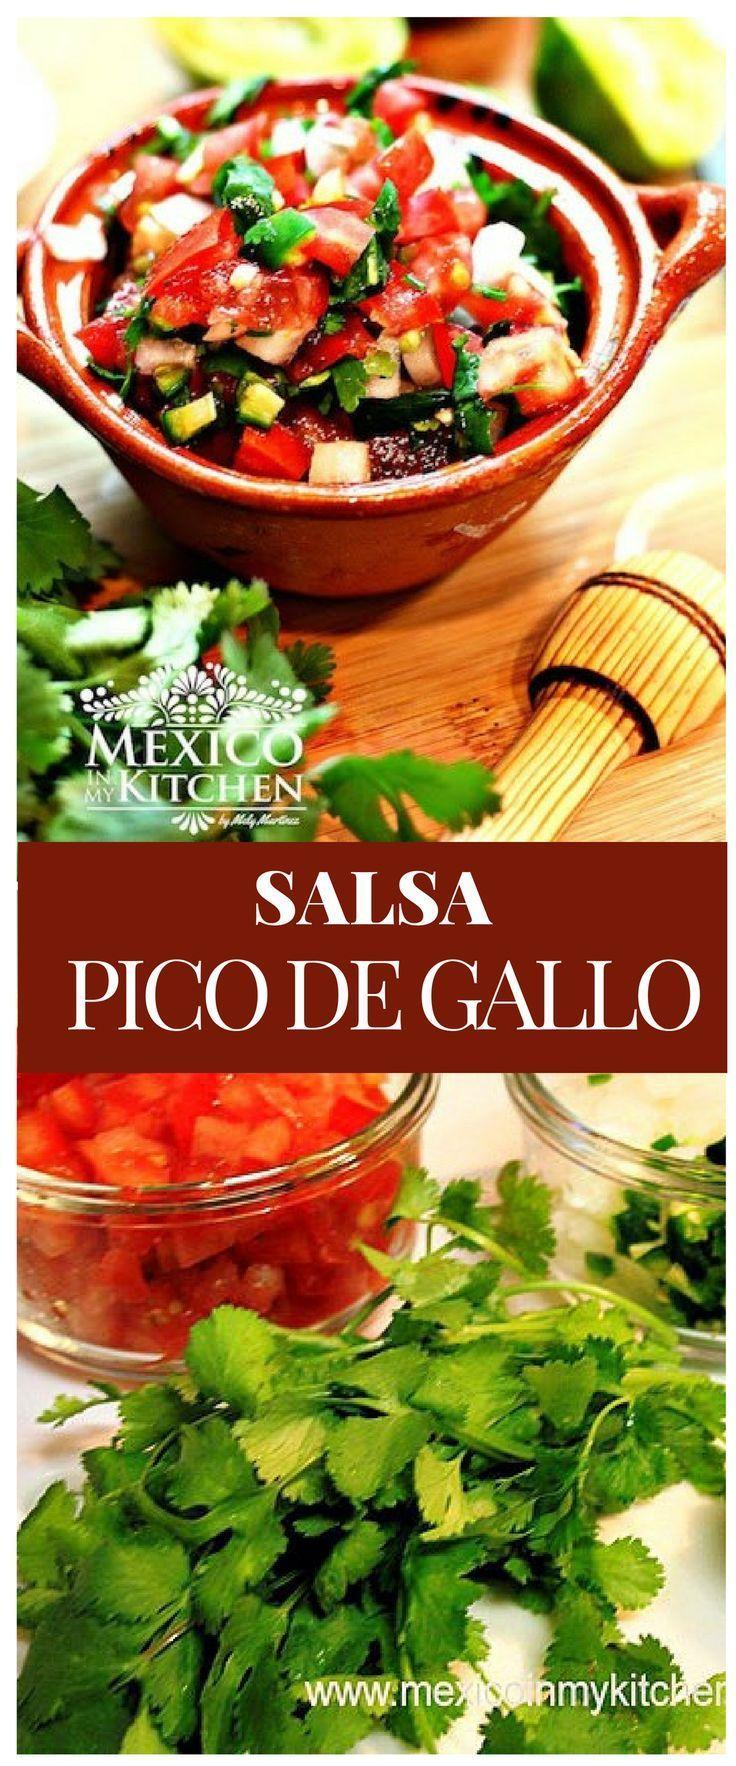 Salsa Pico de Gallo Esta es receta salsa de pico de gallo es muy popular para las carnes o pollo asado, tacos y otros antojitos mexicanos #mexico #cocina #gallo #salsa